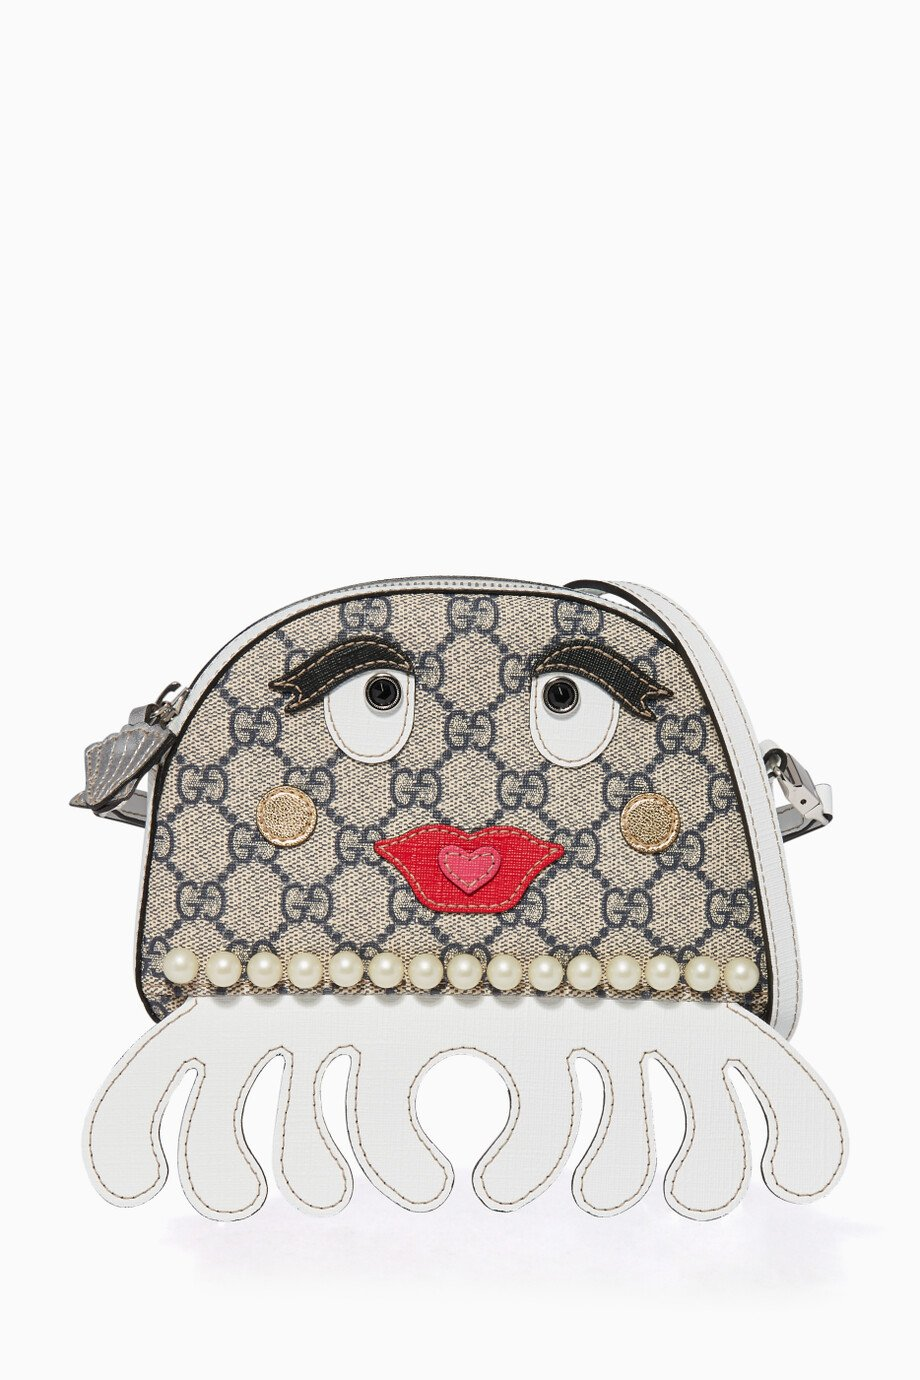 3a64b9bfa118a3 Shop Gucci Brown GG Octopus Messenger Bag for Kids | Ounass UAE